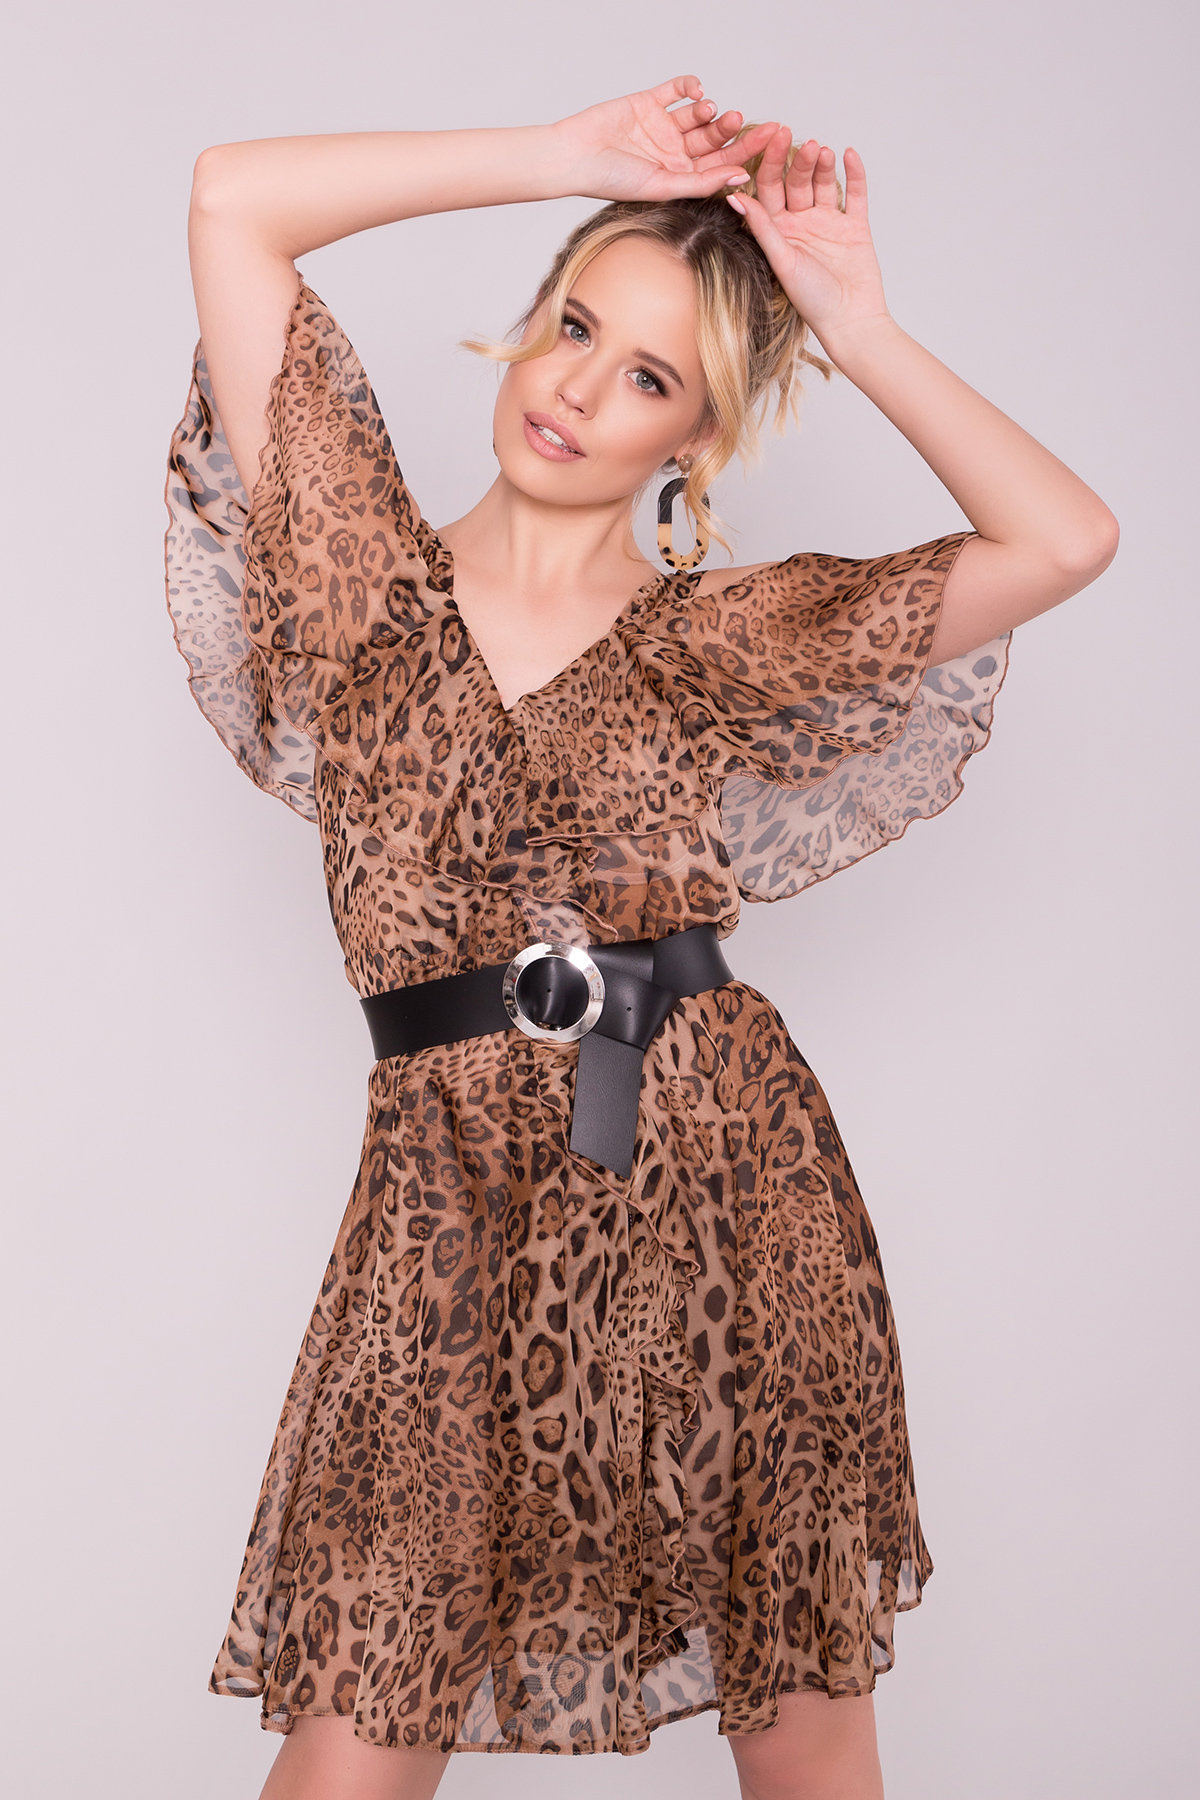 Платье животный принт Нуара 6925 АРТ. 43014 Цвет: Леопард 1 - фото 3, интернет магазин tm-modus.ru